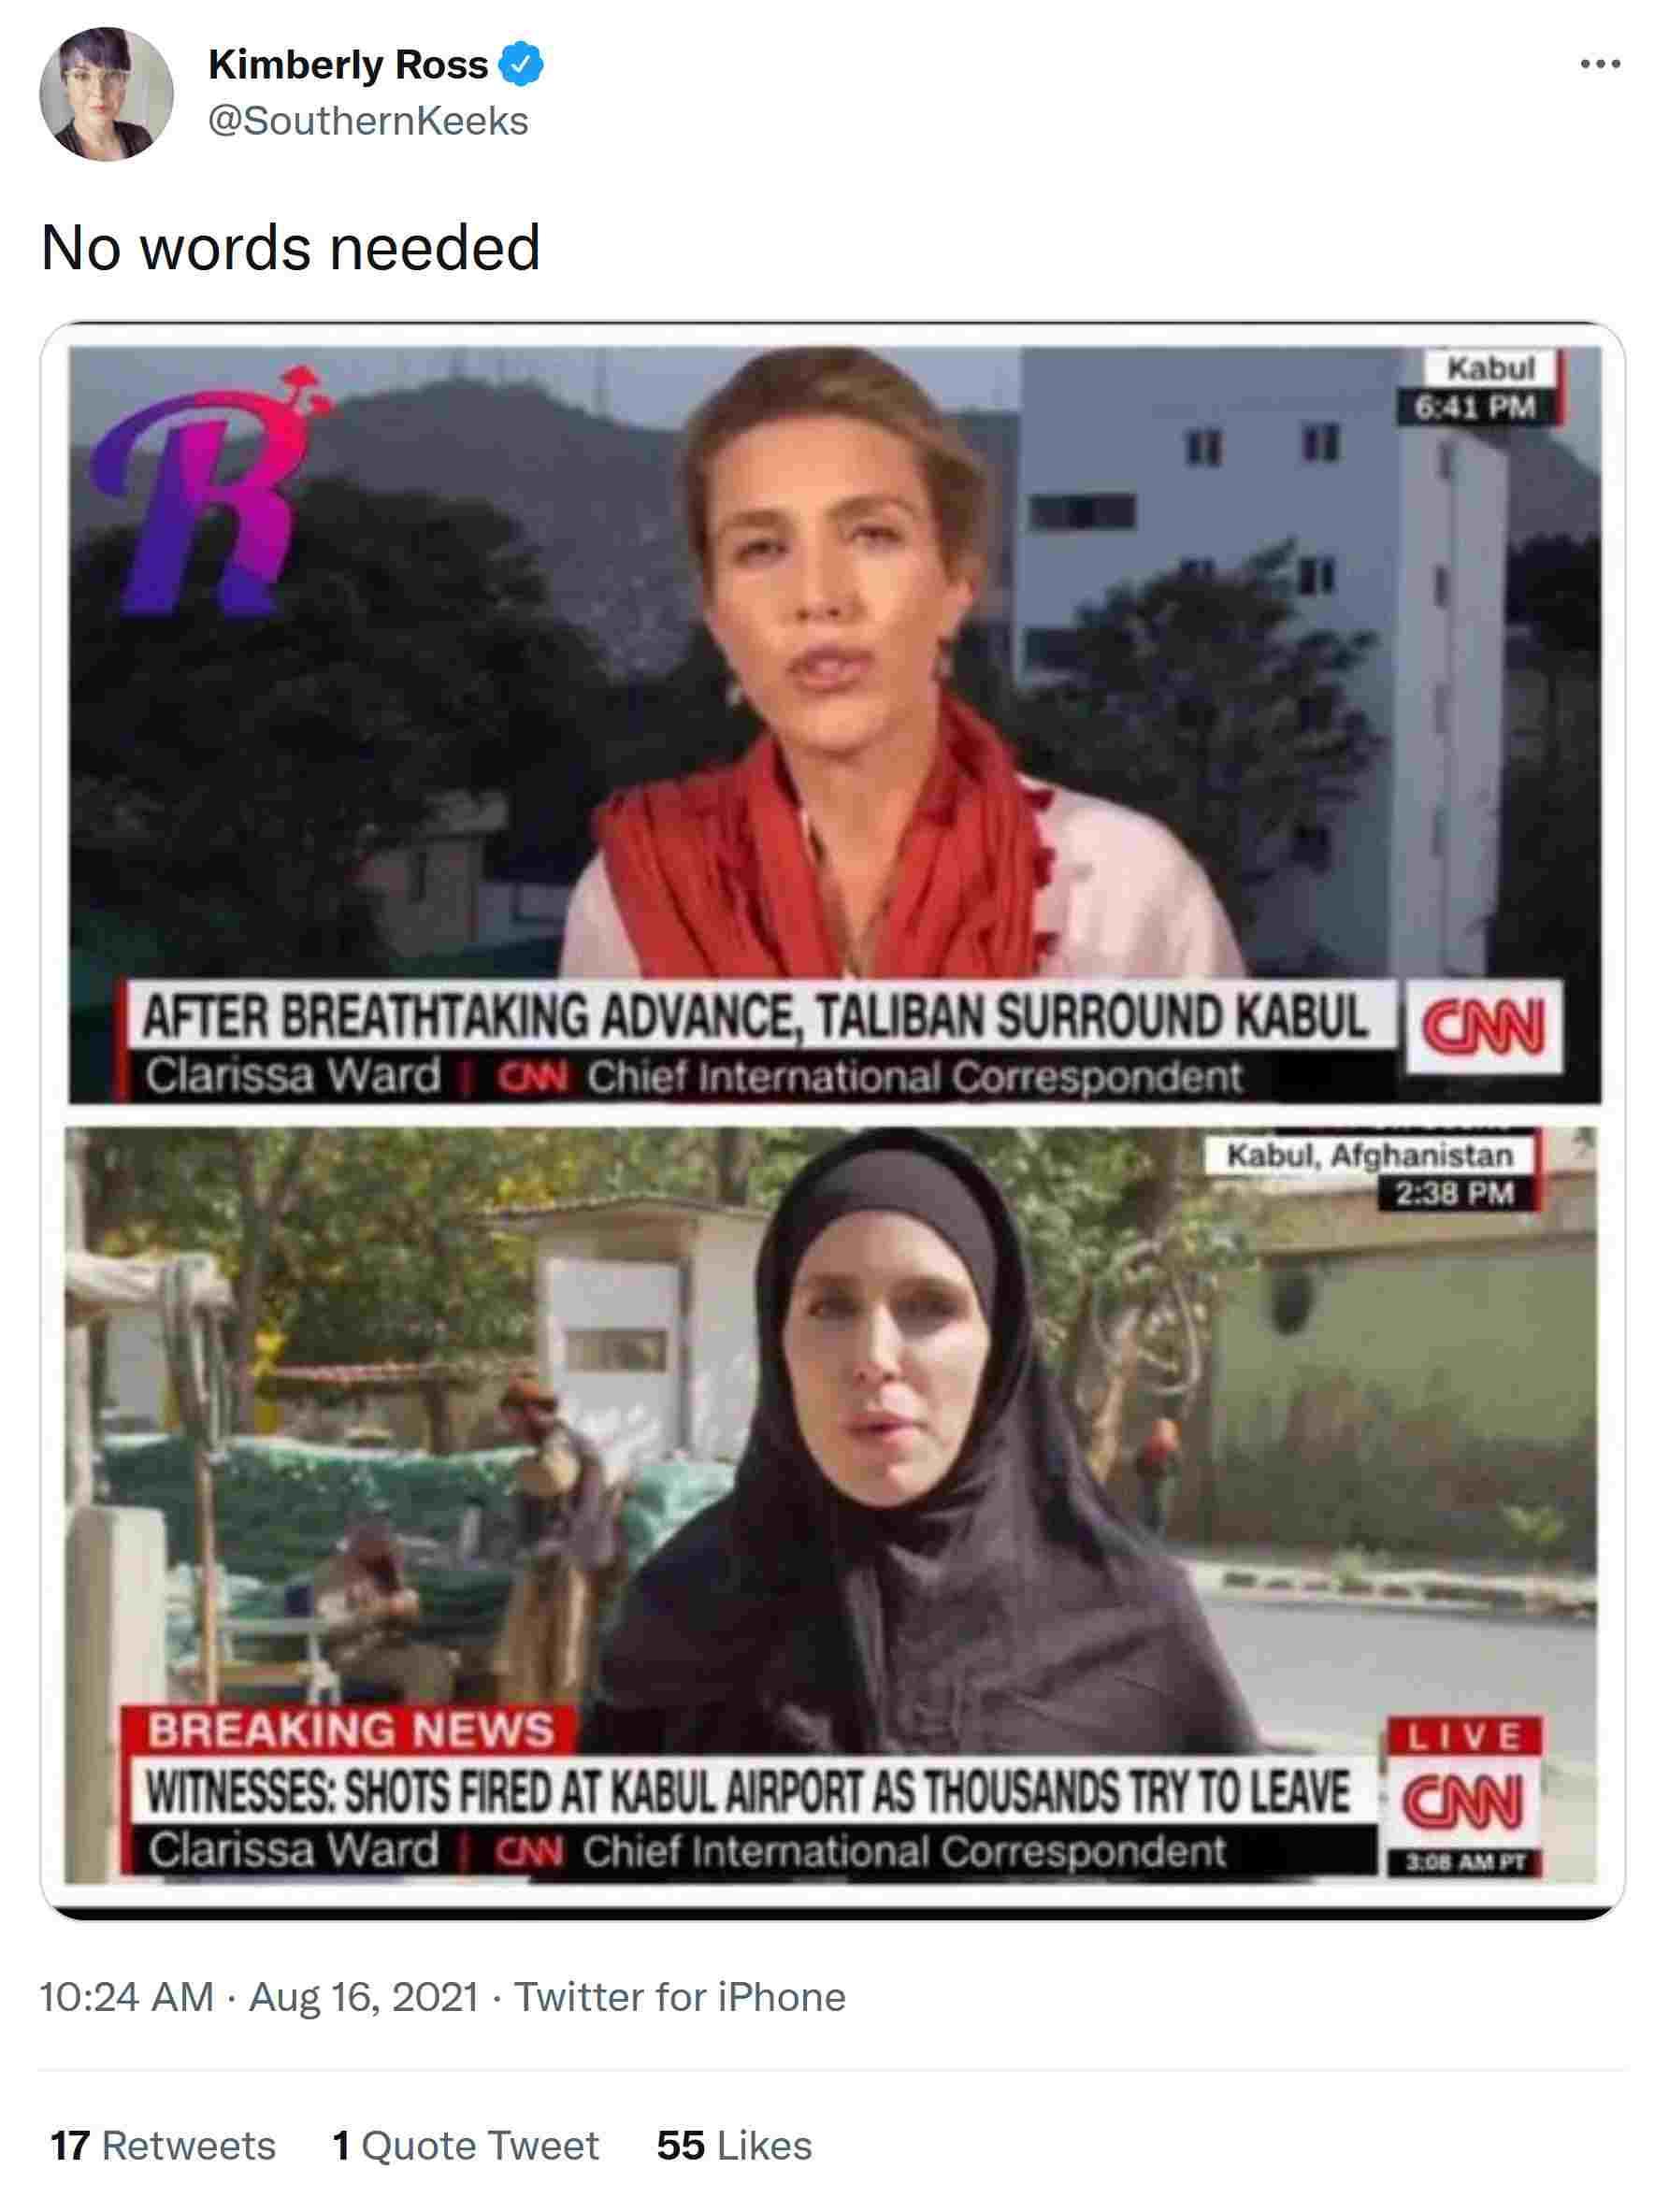 CNNreporterClarrissaWard_AFewDaysApart